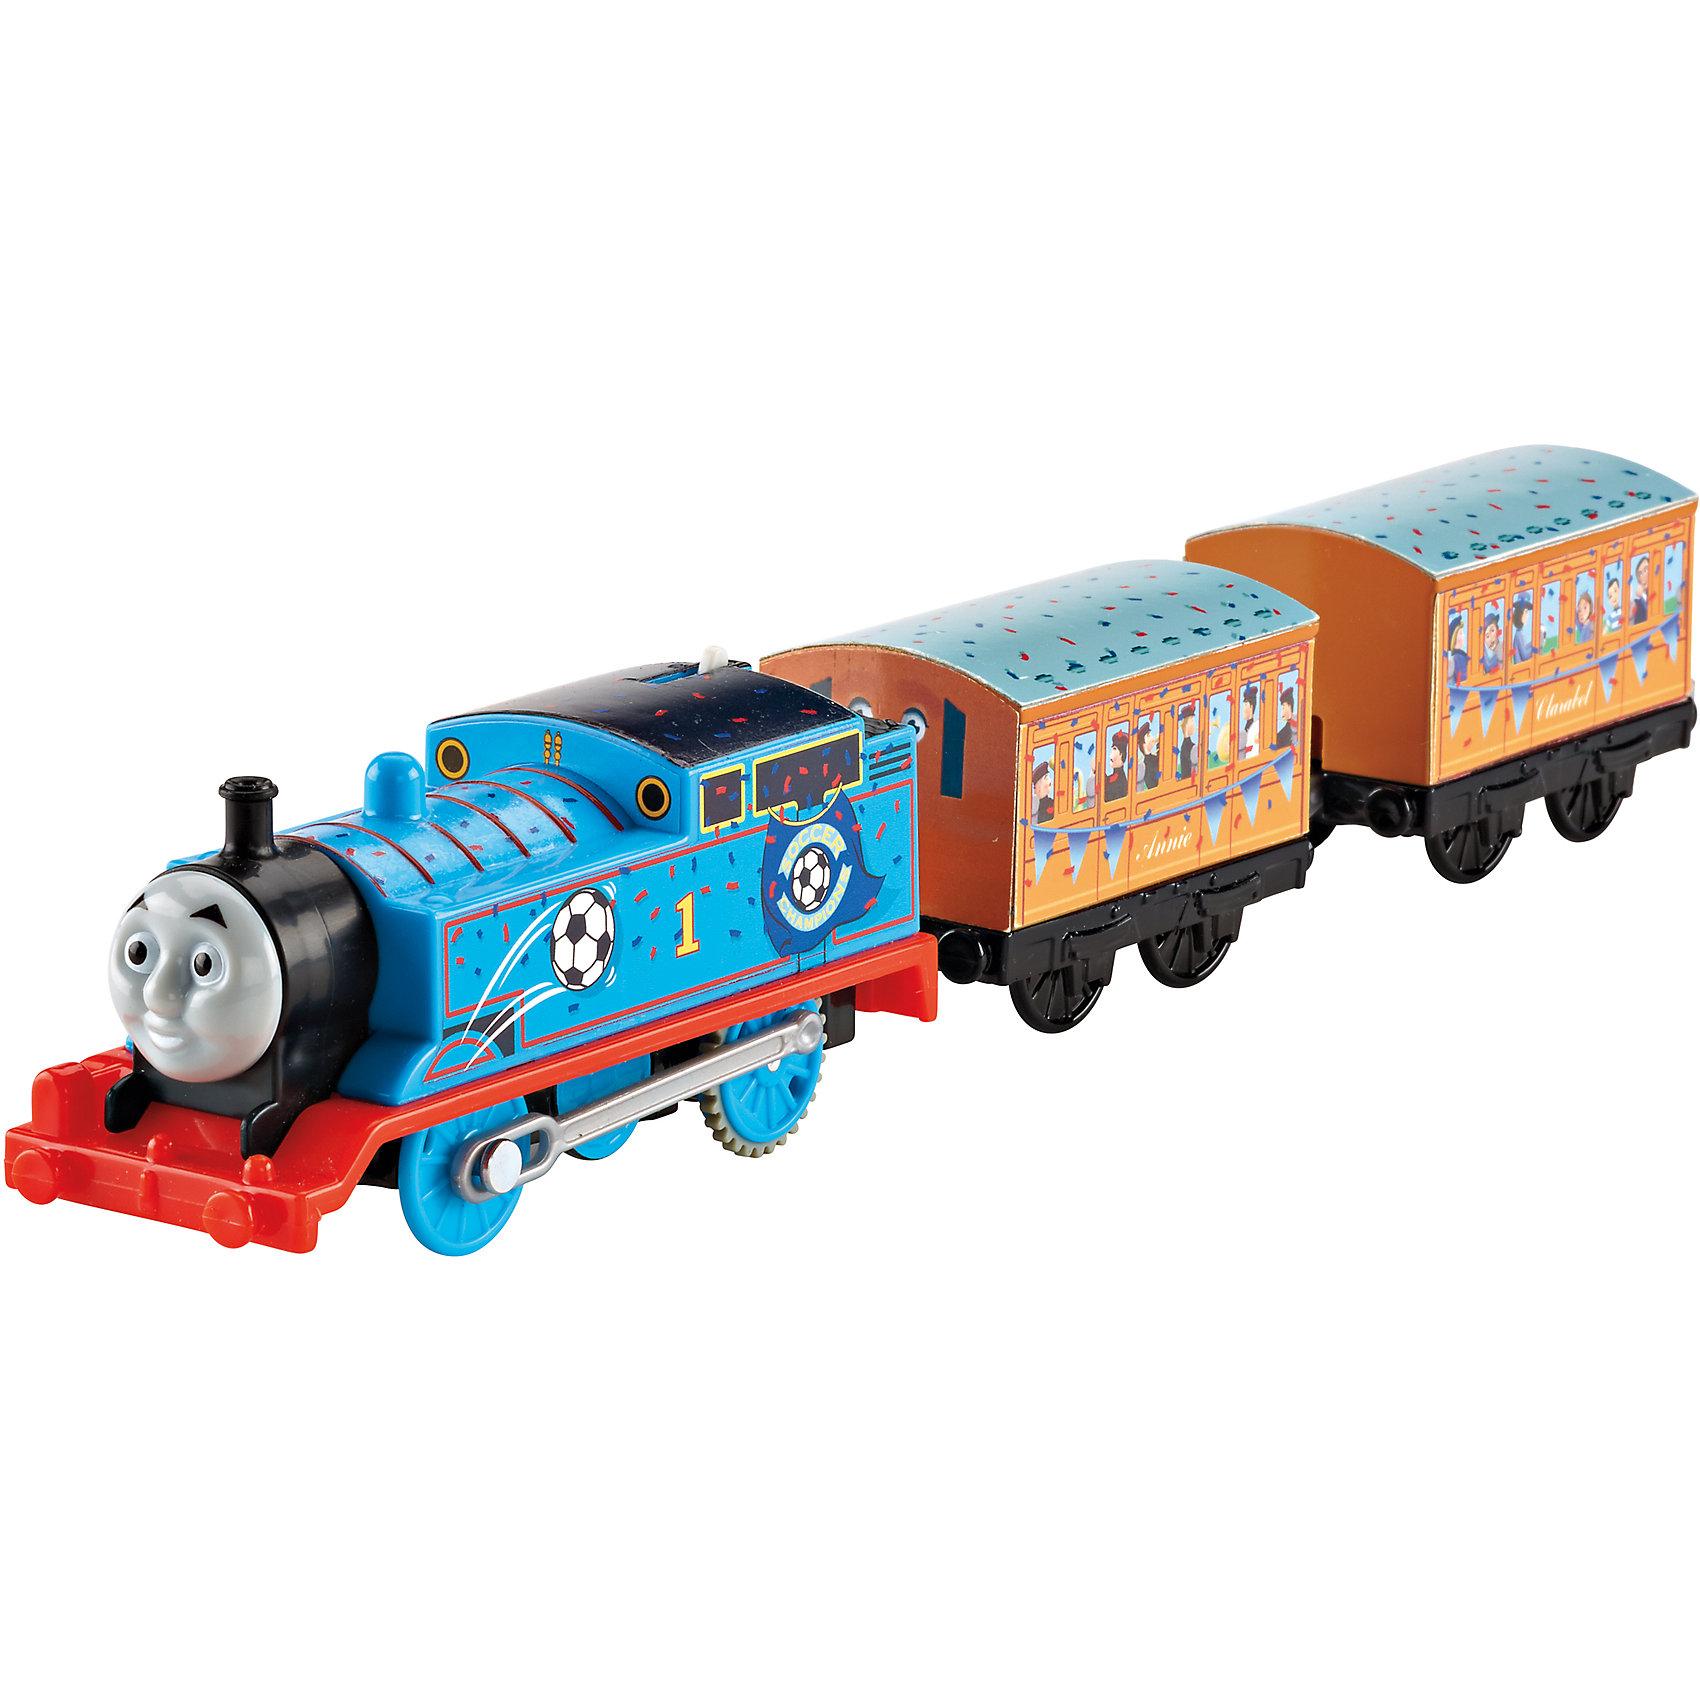 Герои-паровозики «Томас и его друзья»Томас и его друзья<br>Герои-паровозики «Томас и его друзья» - этот игровой набор привлечет внимание вашего малыша и не позволит ему скучать.<br>Моторизованный паровозик Томас станет любимым участником увлекательных игр вашего ребенка поклонника мультсериала «Томас и его друзья». В комплект входят два пассажирских вагончика, которые можно отсоединять и менять местами. Паровозик можно катить, а можно просто нажать на переключатель, и он поедет вперед сам! Дизайн механических паровозиков из серии TrackMaster был изменен, поэтому теперь приключения в мире Томаса и его друзей стали еще веселее и увлекательнее. Благодаря улучшенным скоростным и другим характеристикам эти паровозики движутся еще быстрее и еще увереннее преодолевают подъемы и спуски. Игрушка совместима с большинством треков и игровых наборов TrackMaster™ (продаются отдельно).<br><br>Дополнительная информация:<br><br>- В наборе: паровозик Томас, 2 пассажирских вагона<br>- Материал: пластик<br>- Длина состава: 25 см.<br>- Батарейка: 2 типа ААА (не входит в комплект)<br>- Размер упаковки: 4,5х36х9 см.<br>- Вес: 261 гр.<br><br>Игровой набор Герои-паровозики «Томас и его друзья» можно купить в нашем интернет-магазине.<br><br>Ширина мм: 45<br>Глубина мм: 360<br>Высота мм: 90<br>Вес г: 261<br>Возраст от месяцев: 36<br>Возраст до месяцев: 84<br>Пол: Мужской<br>Возраст: Детский<br>SKU: 4713557